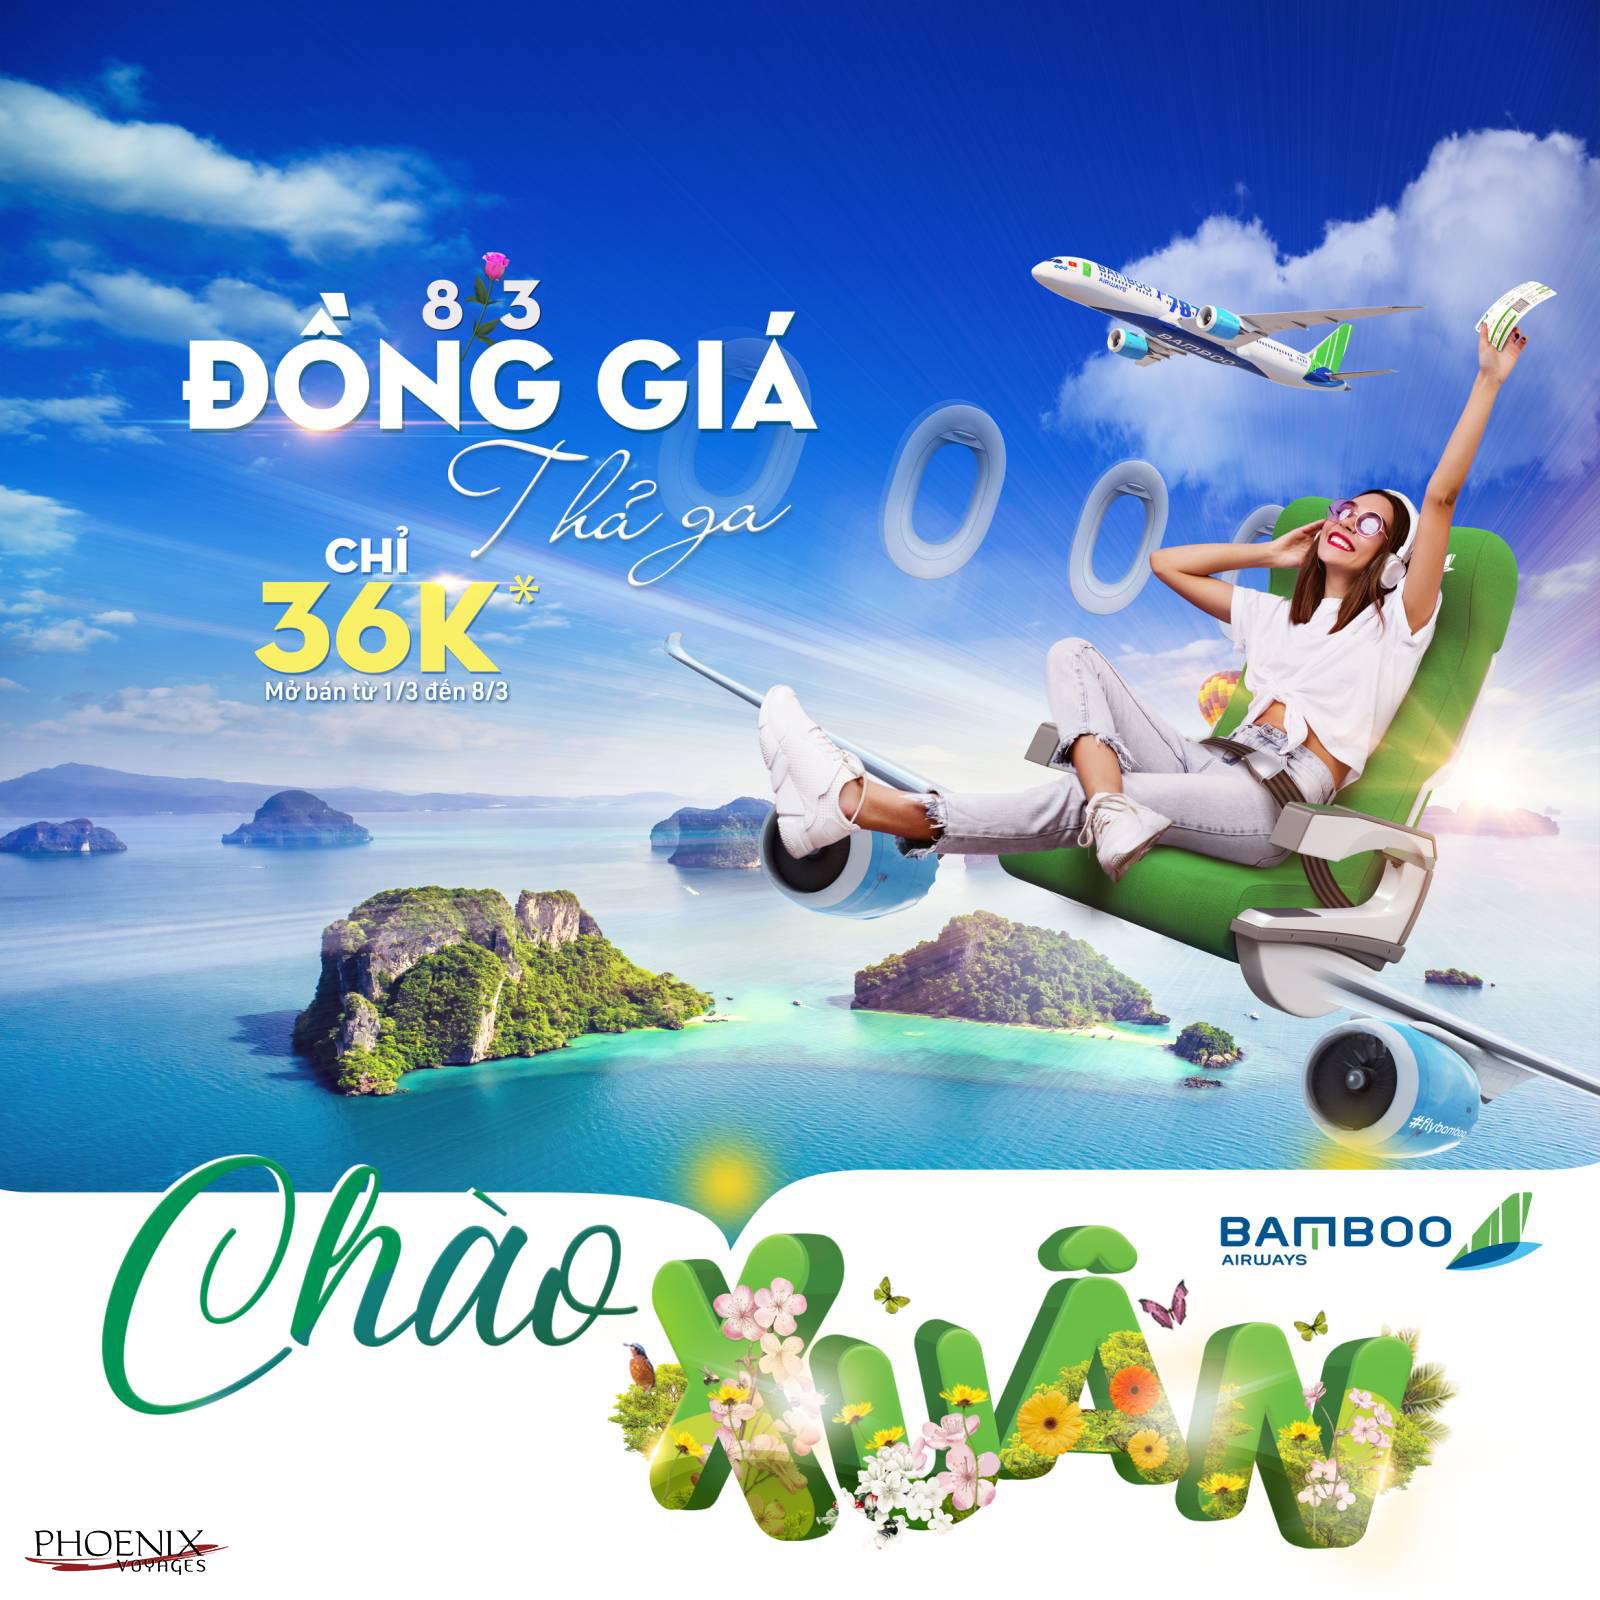 Ưu đãi vé máy bay đồng giá 8/3 Bamboo Airways.